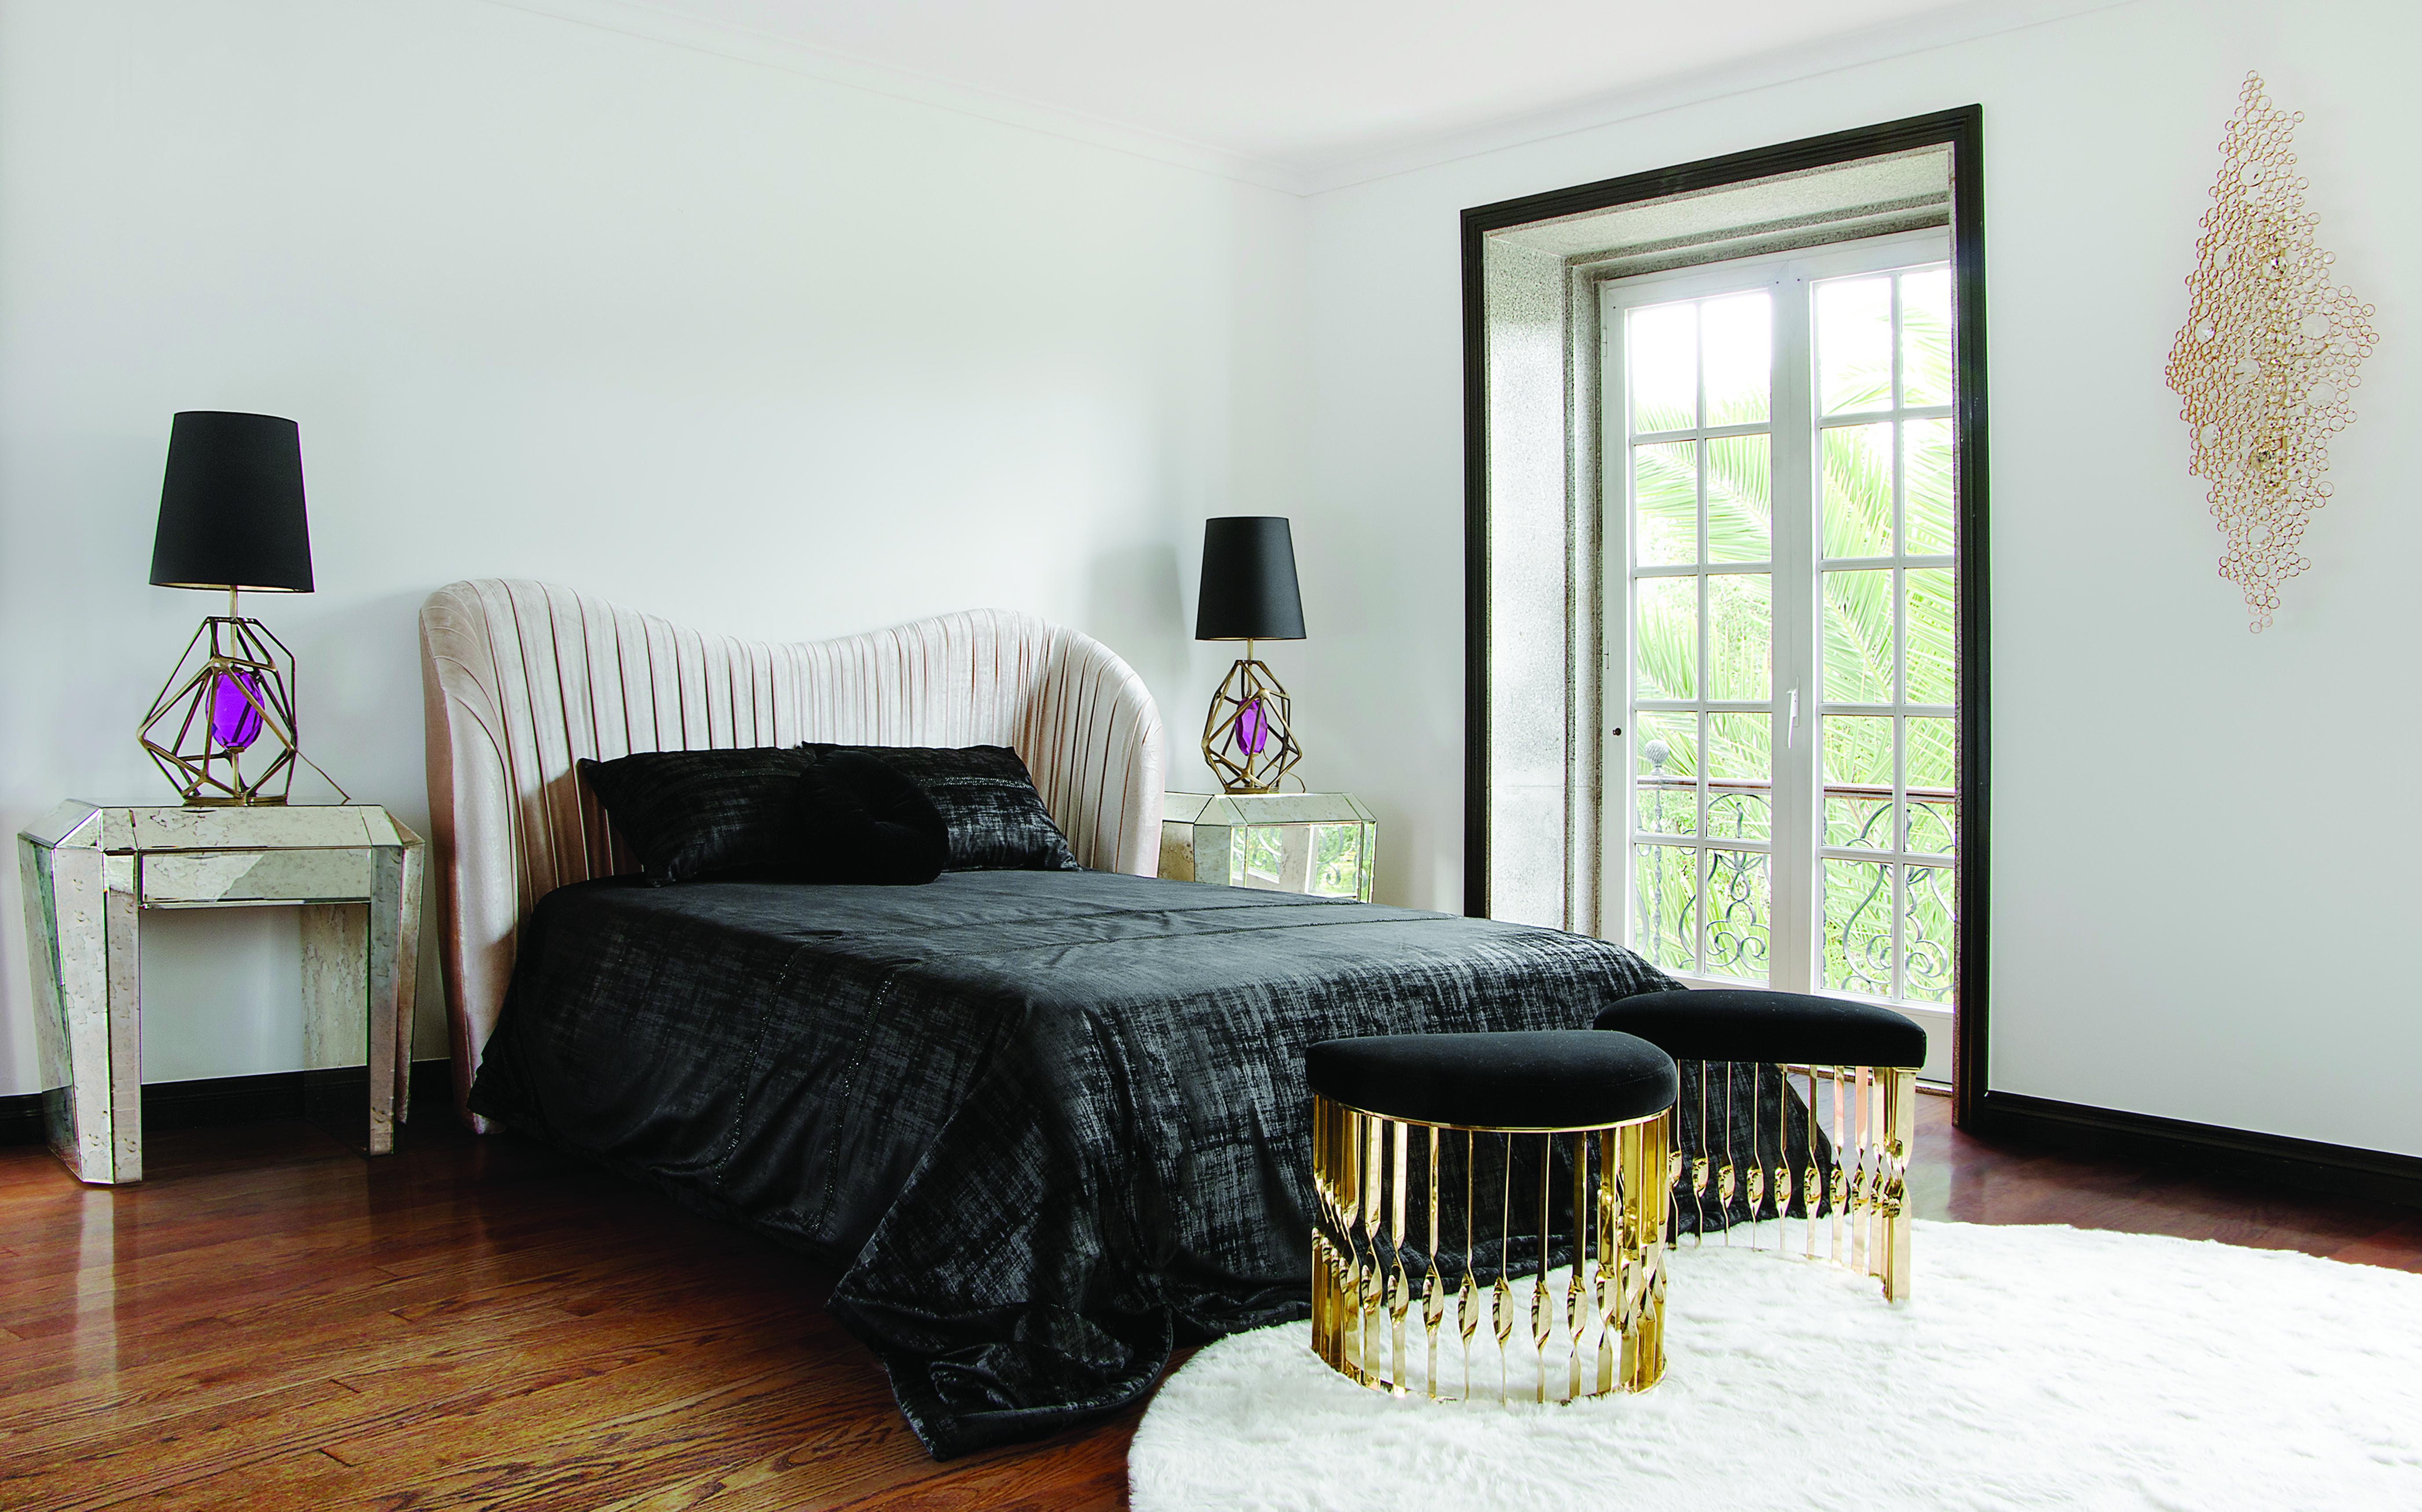 идеи для спальни идеи для спальни Идеи для спальни: 10 шагов для идеального декора IMG 9933